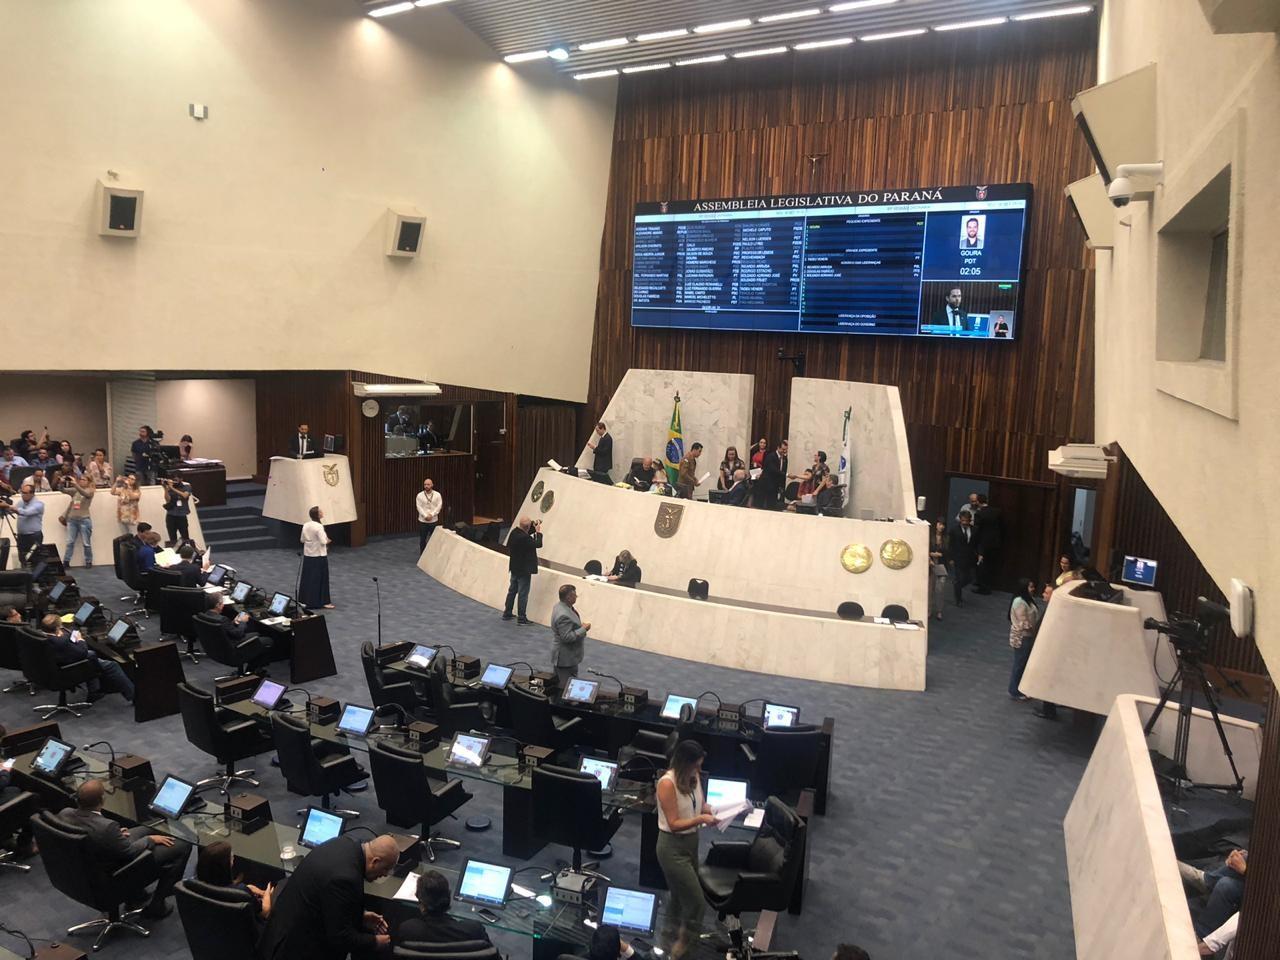 Deputados estaduais do Paraná rejeitam Projeto 'Escola Sem Partido'  - Notícias - Plantão Diário